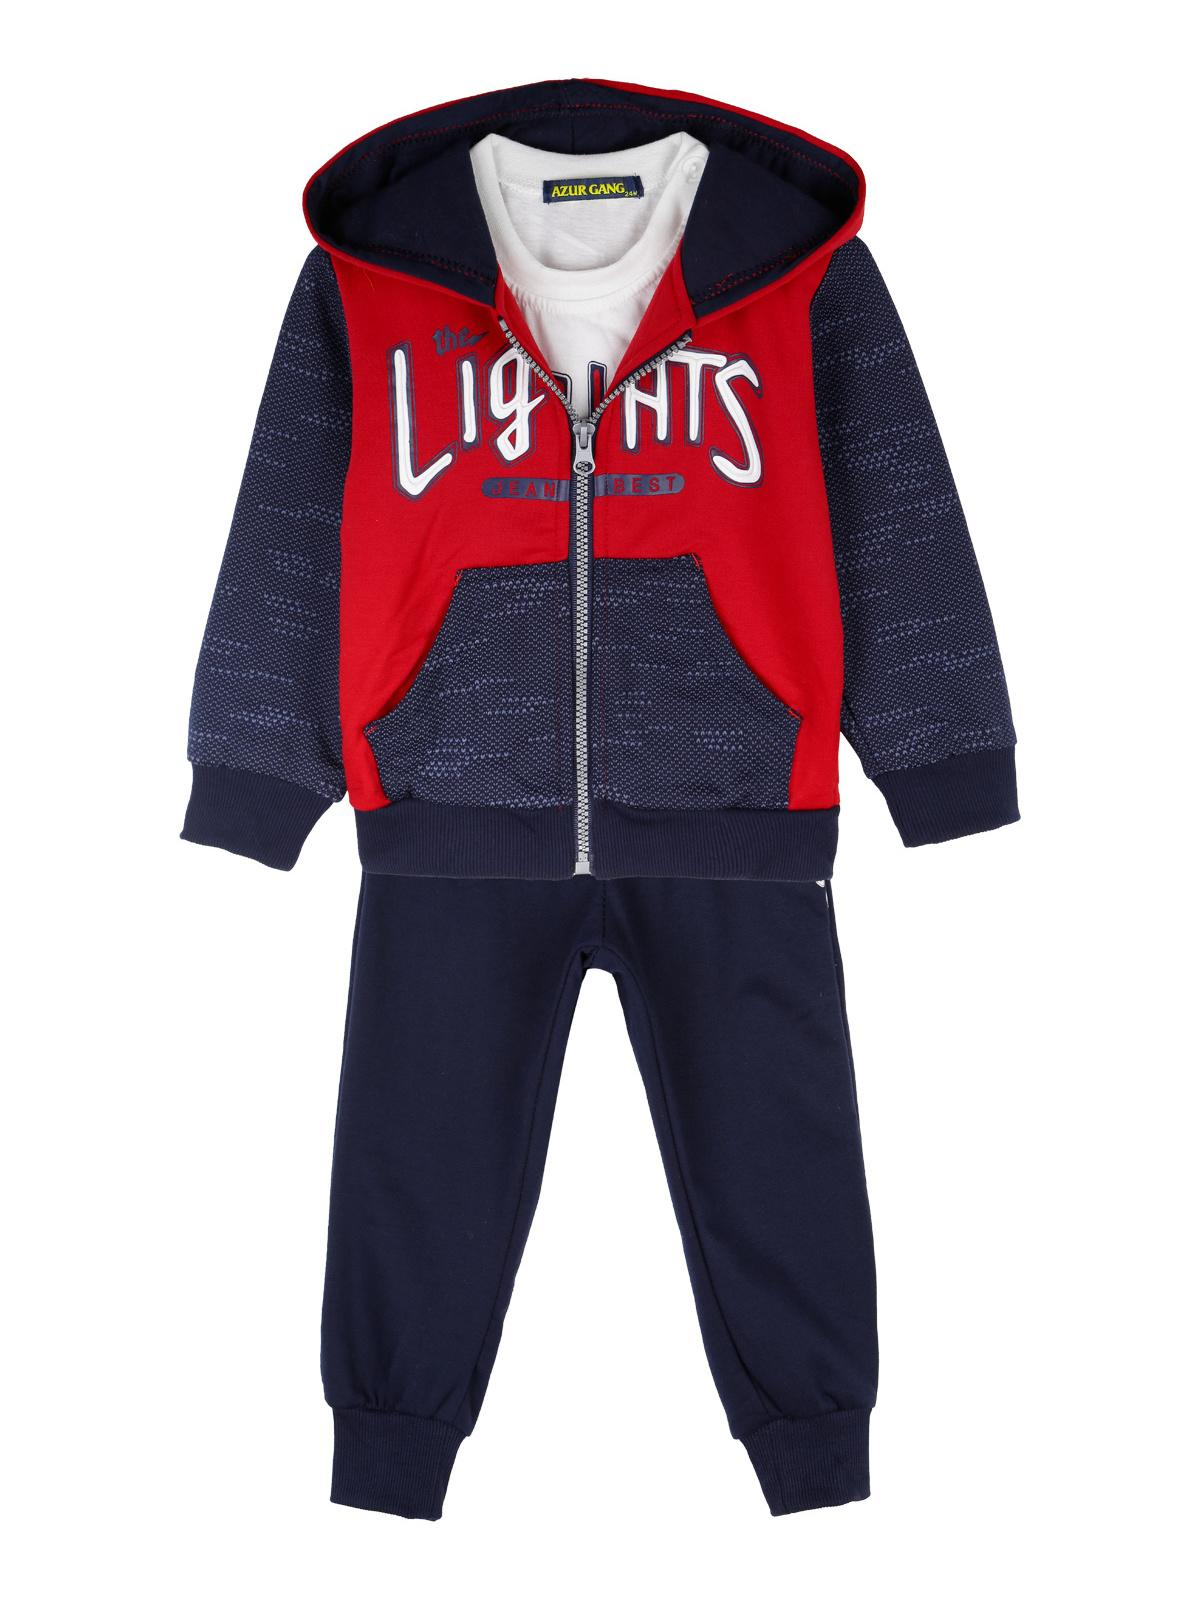 azur gang Felpa con cappuccio + maglia + pantaloni sportivi